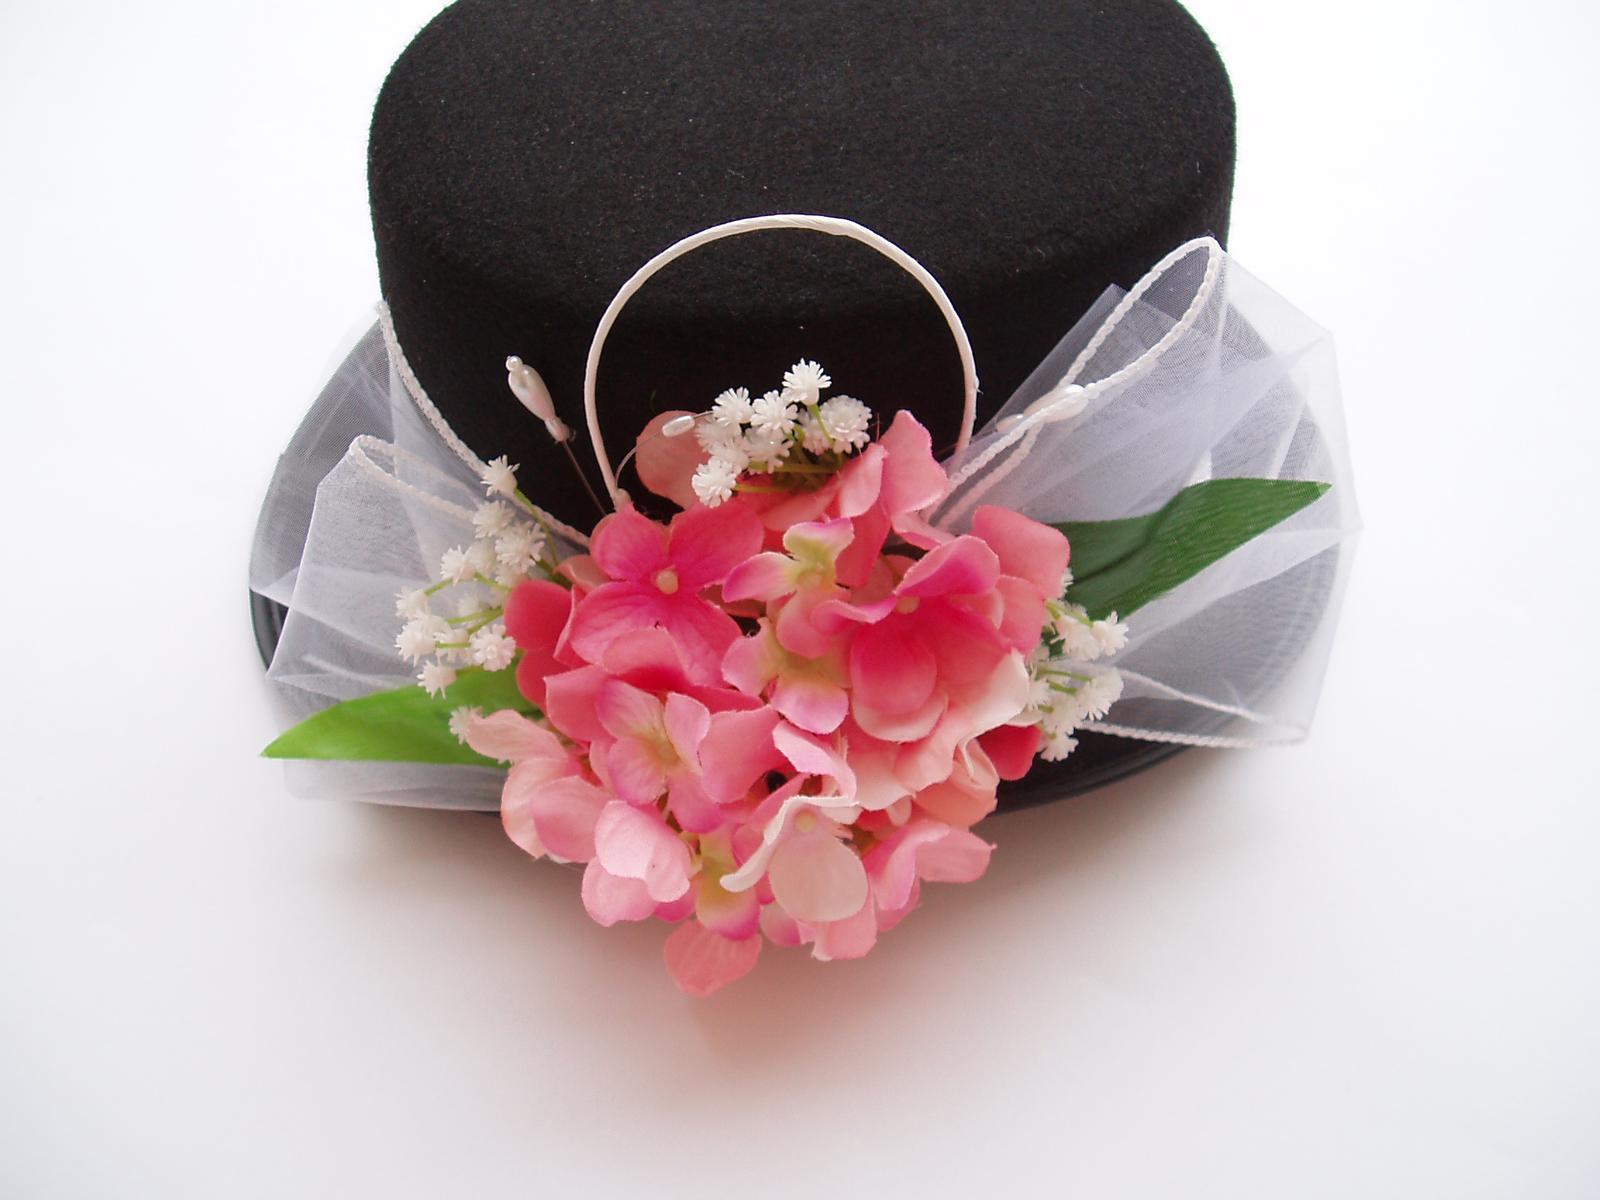 cylindr-růžová hortenzie - Obrázek č. 3